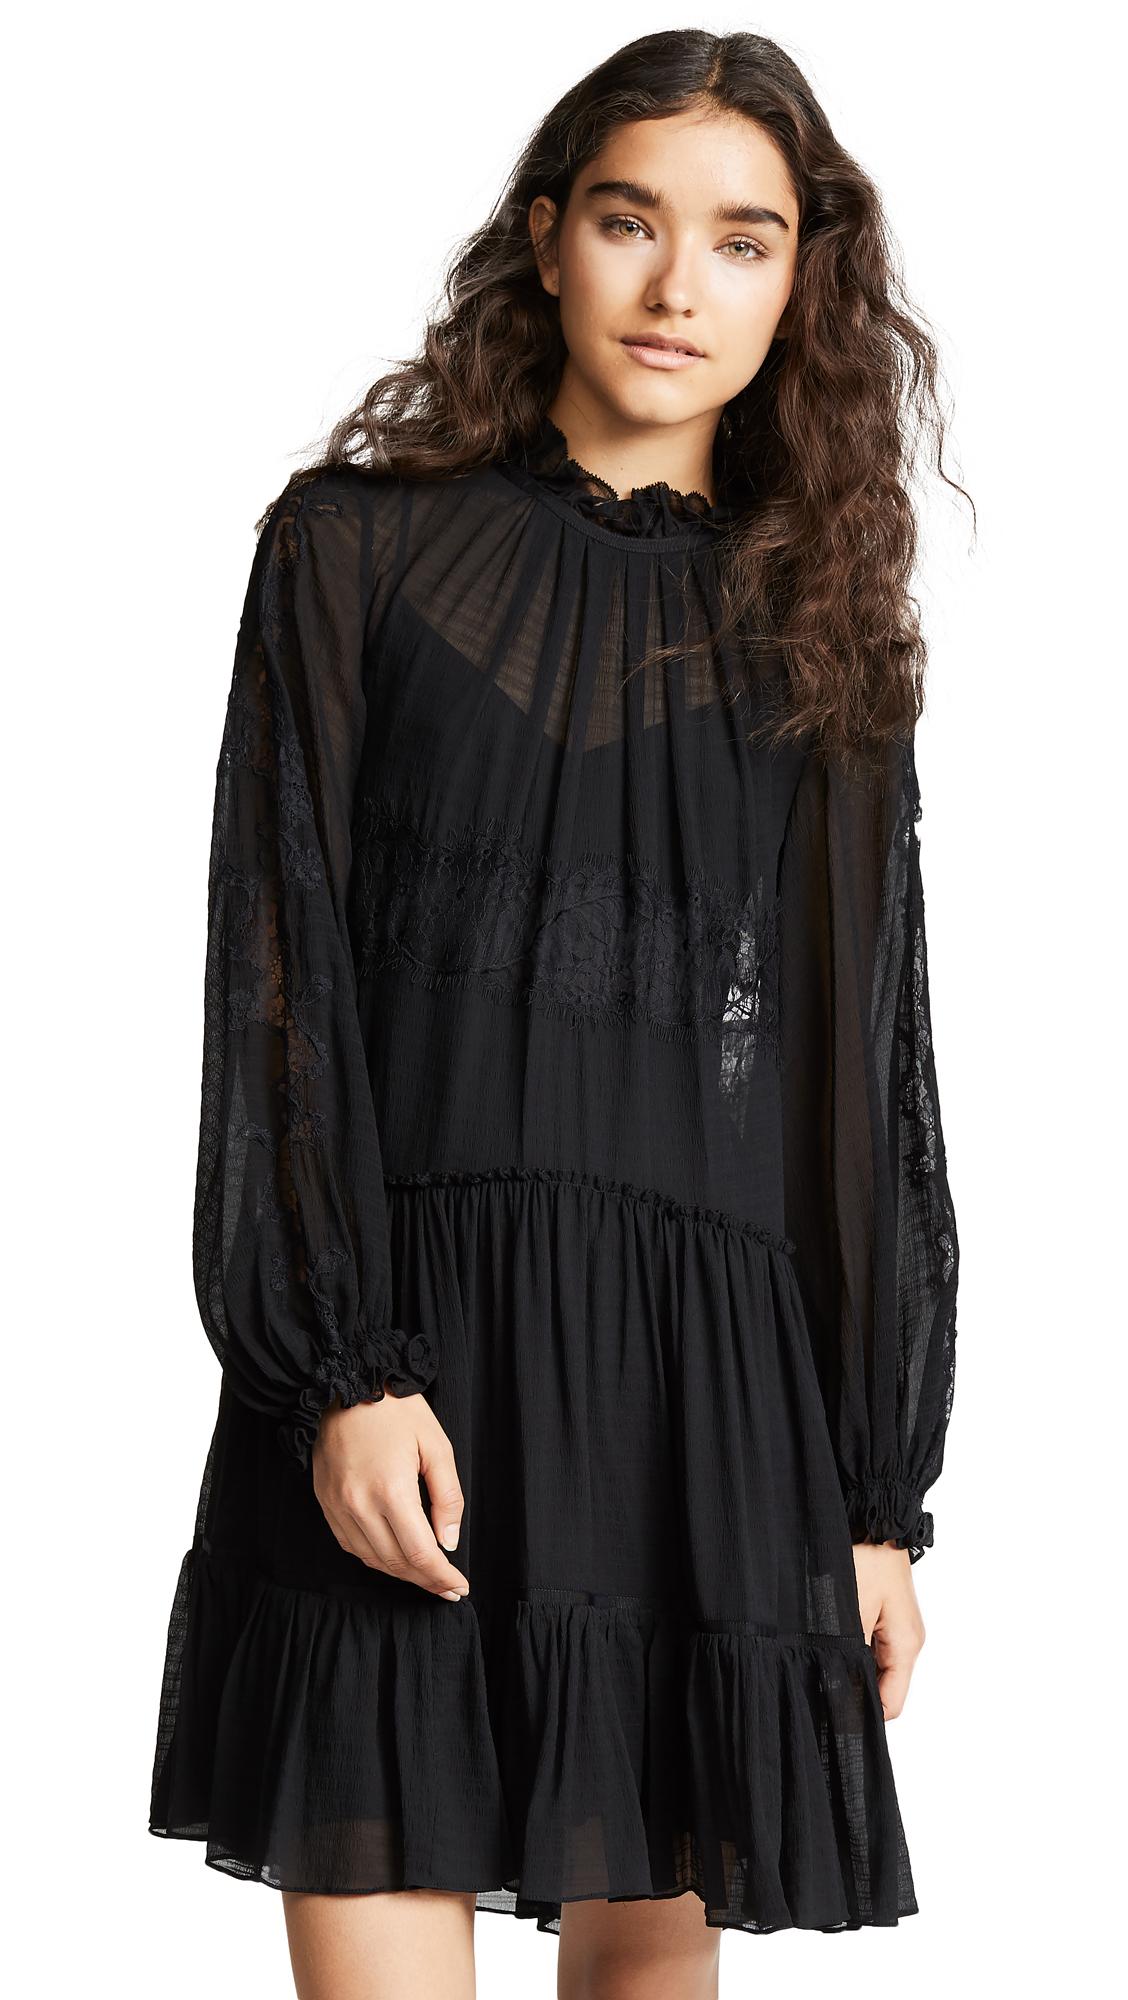 3.1 Phillip Lim Short Lace Dress